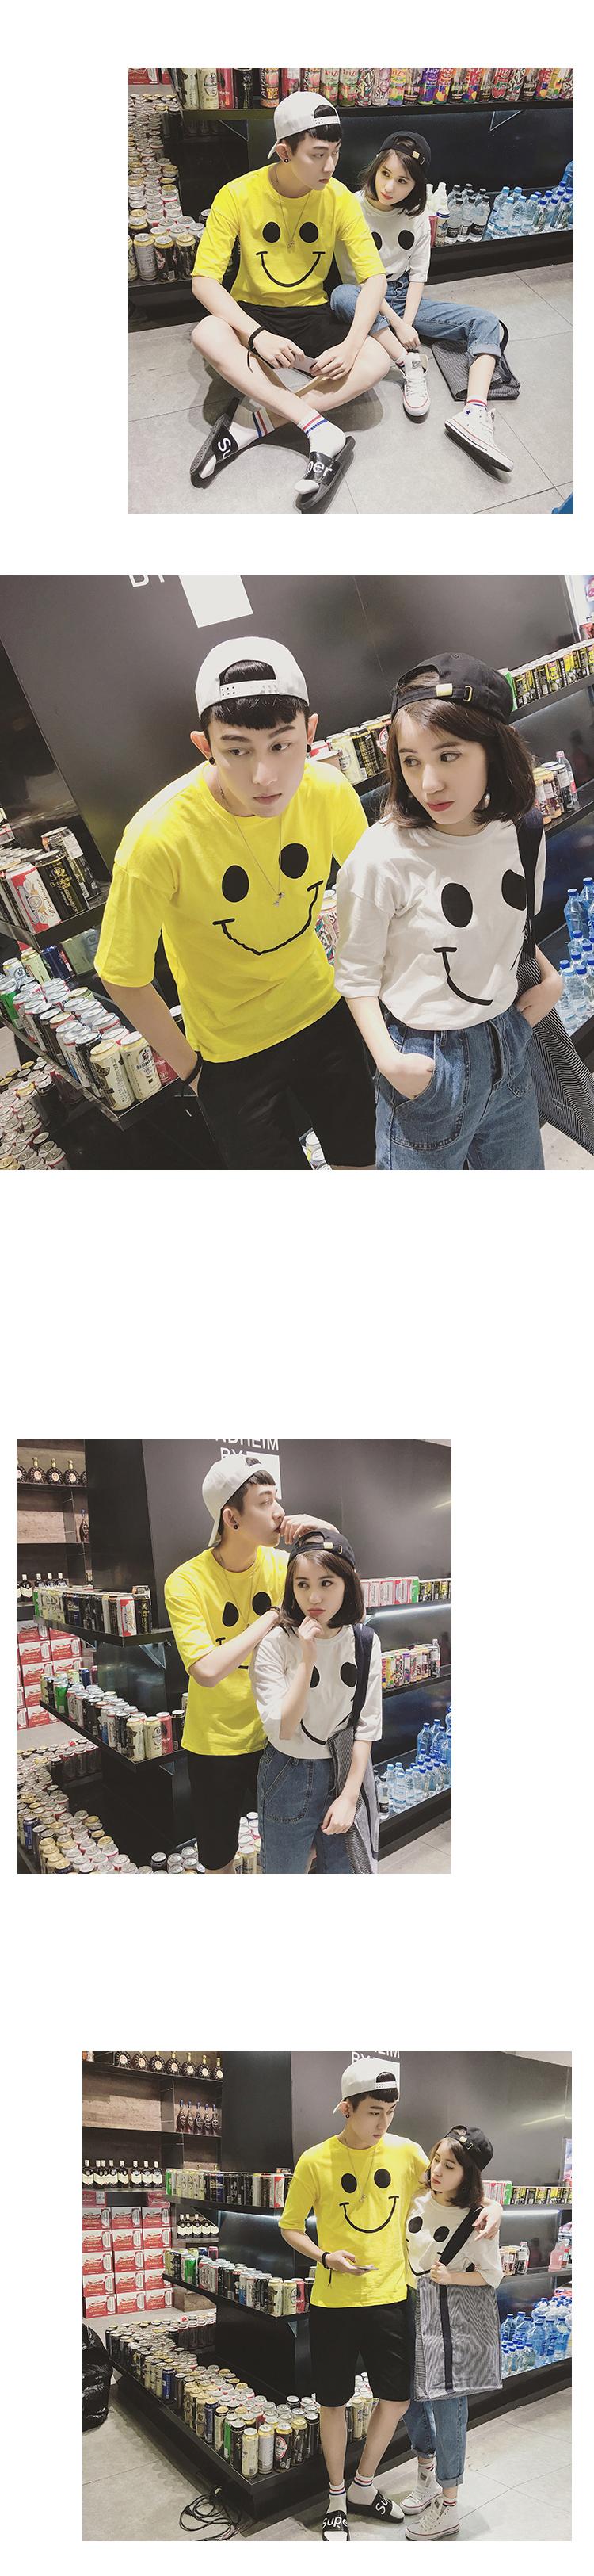 ◆快速出貨◆T恤.情侶裝.班服.MIT台灣製.獨家配對情侶裝.客製化.純棉短T.大大大笑臉【Y0183】可單買.艾咪E舖